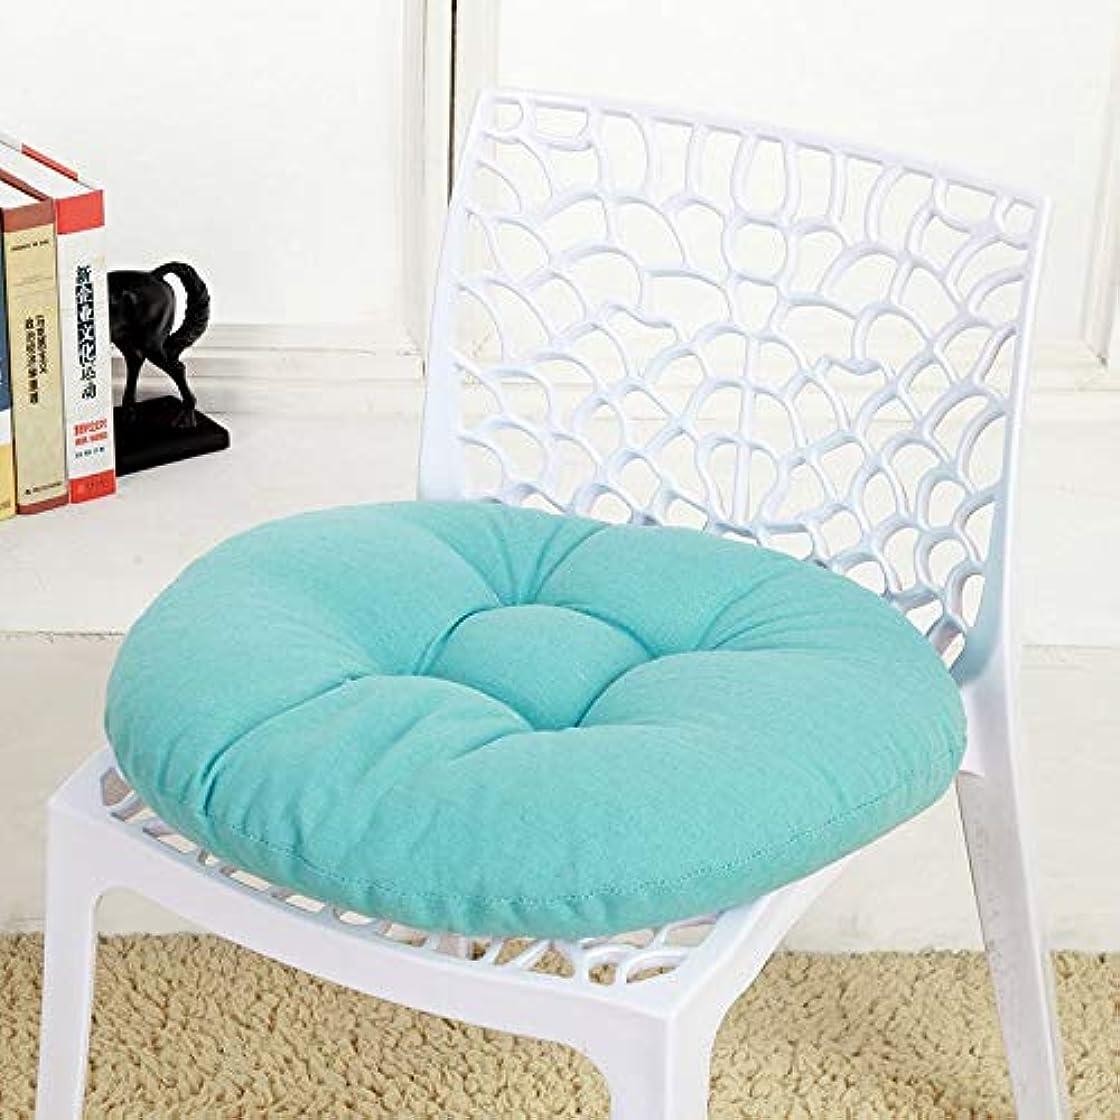 連続した意気揚々取得するLIFE キャンディカラーのクッションラウンドシートクッション波ウィンドウシートクッションクッション家の装飾パッドラウンド枕シート枕椅子座る枕 クッション 椅子